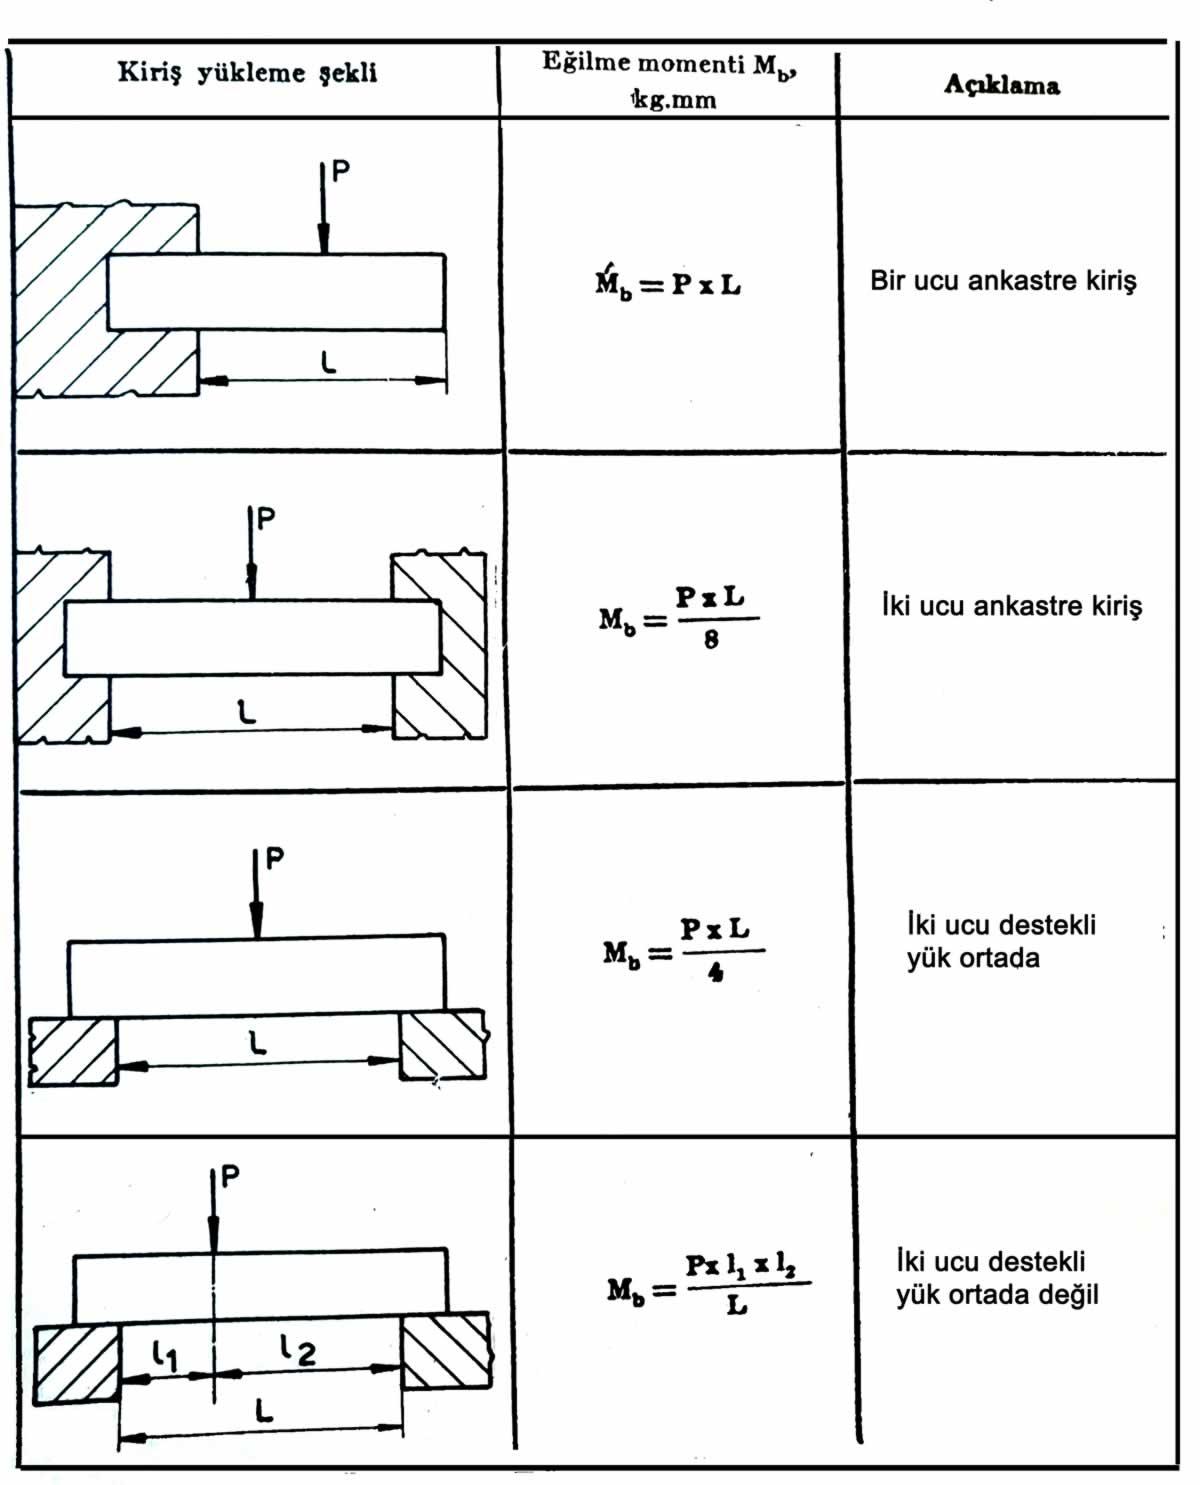 kirişlerdeki eğilme momenti formülleri